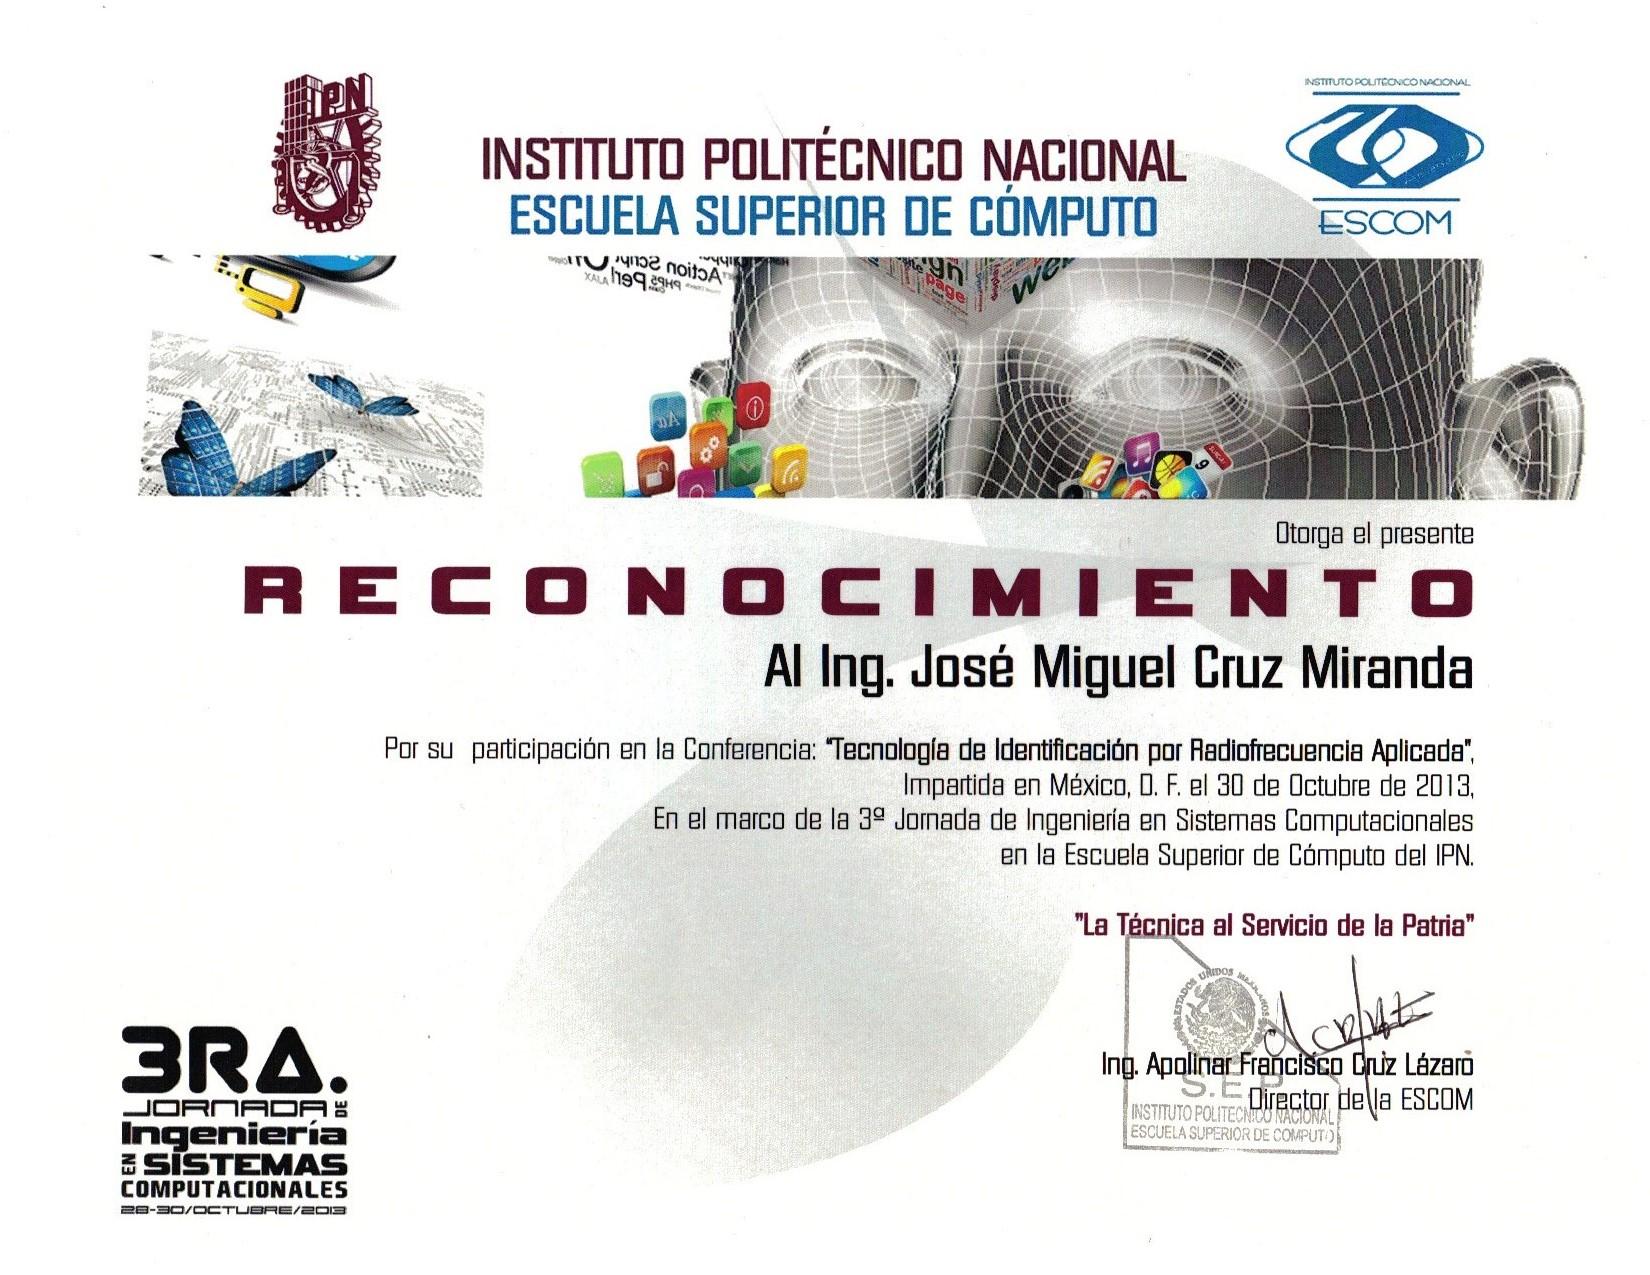 Conferencia Tecnología de Identificación por Radiofrecuencia Aplicada IPN